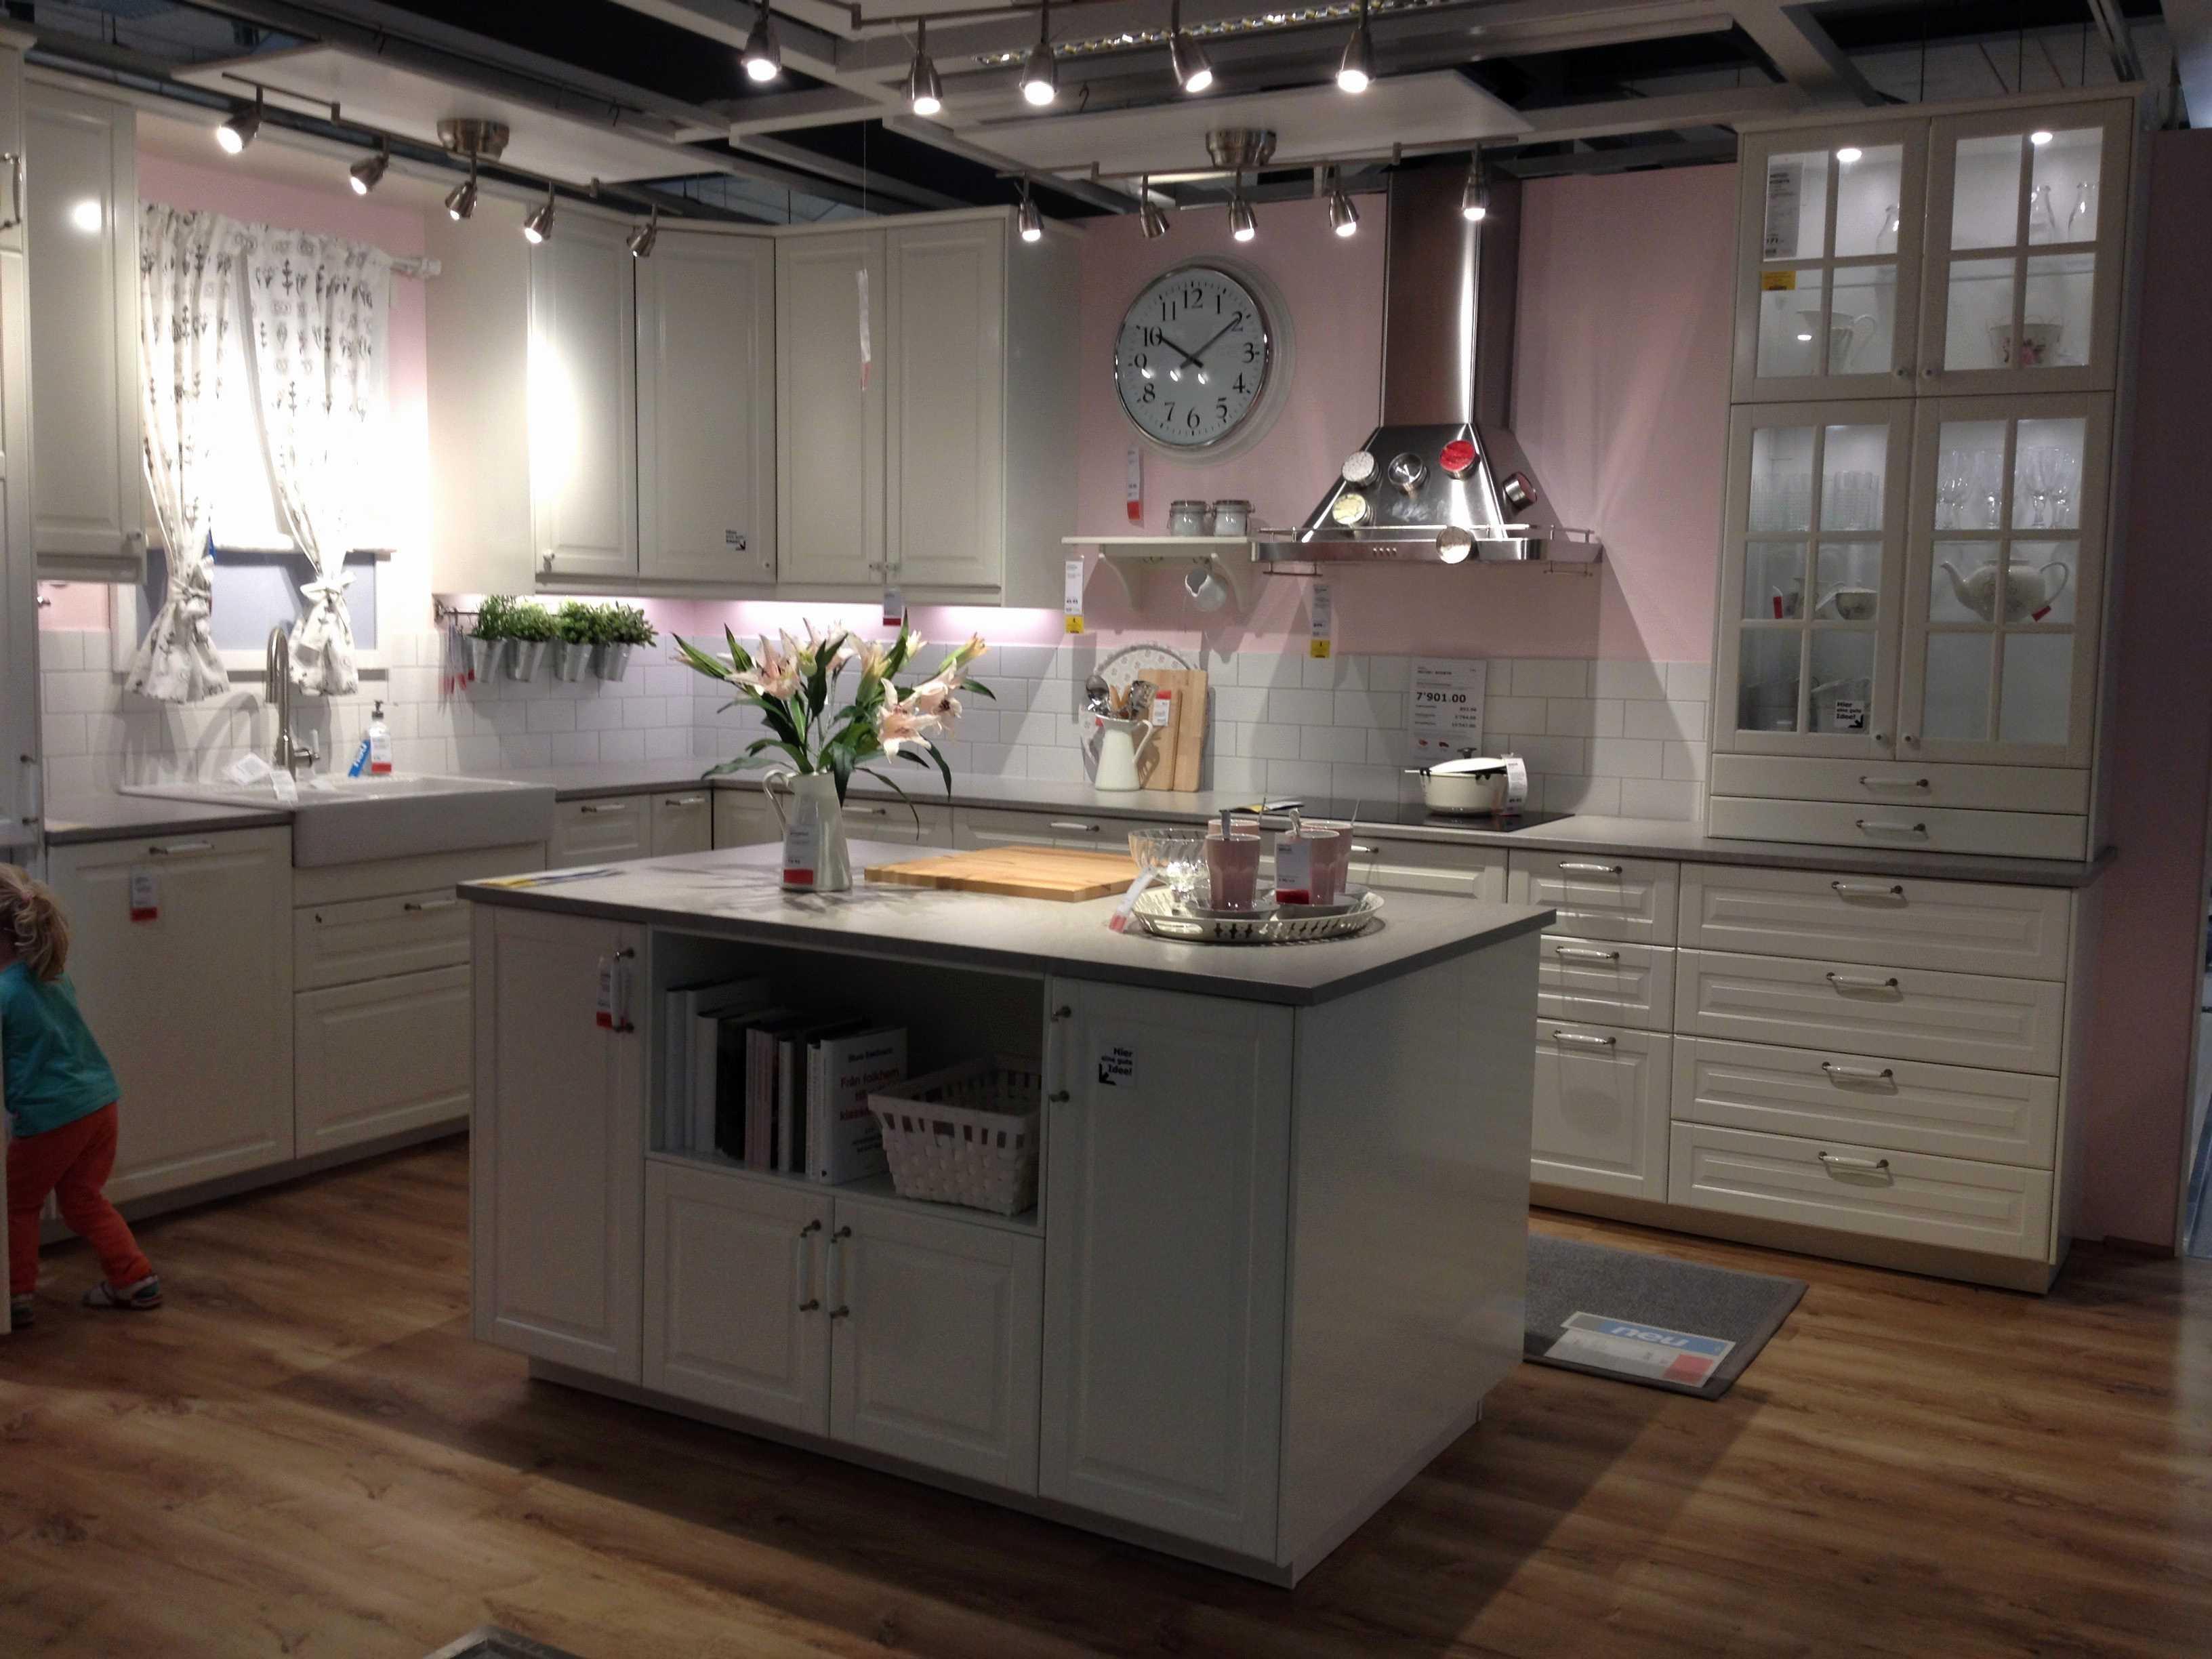 Fabriquer Un Ilot Central Table Impressionnant Photos 63 Meilleures Fabriquer Un Ilot De Cuisine Avec Meuble Ikea